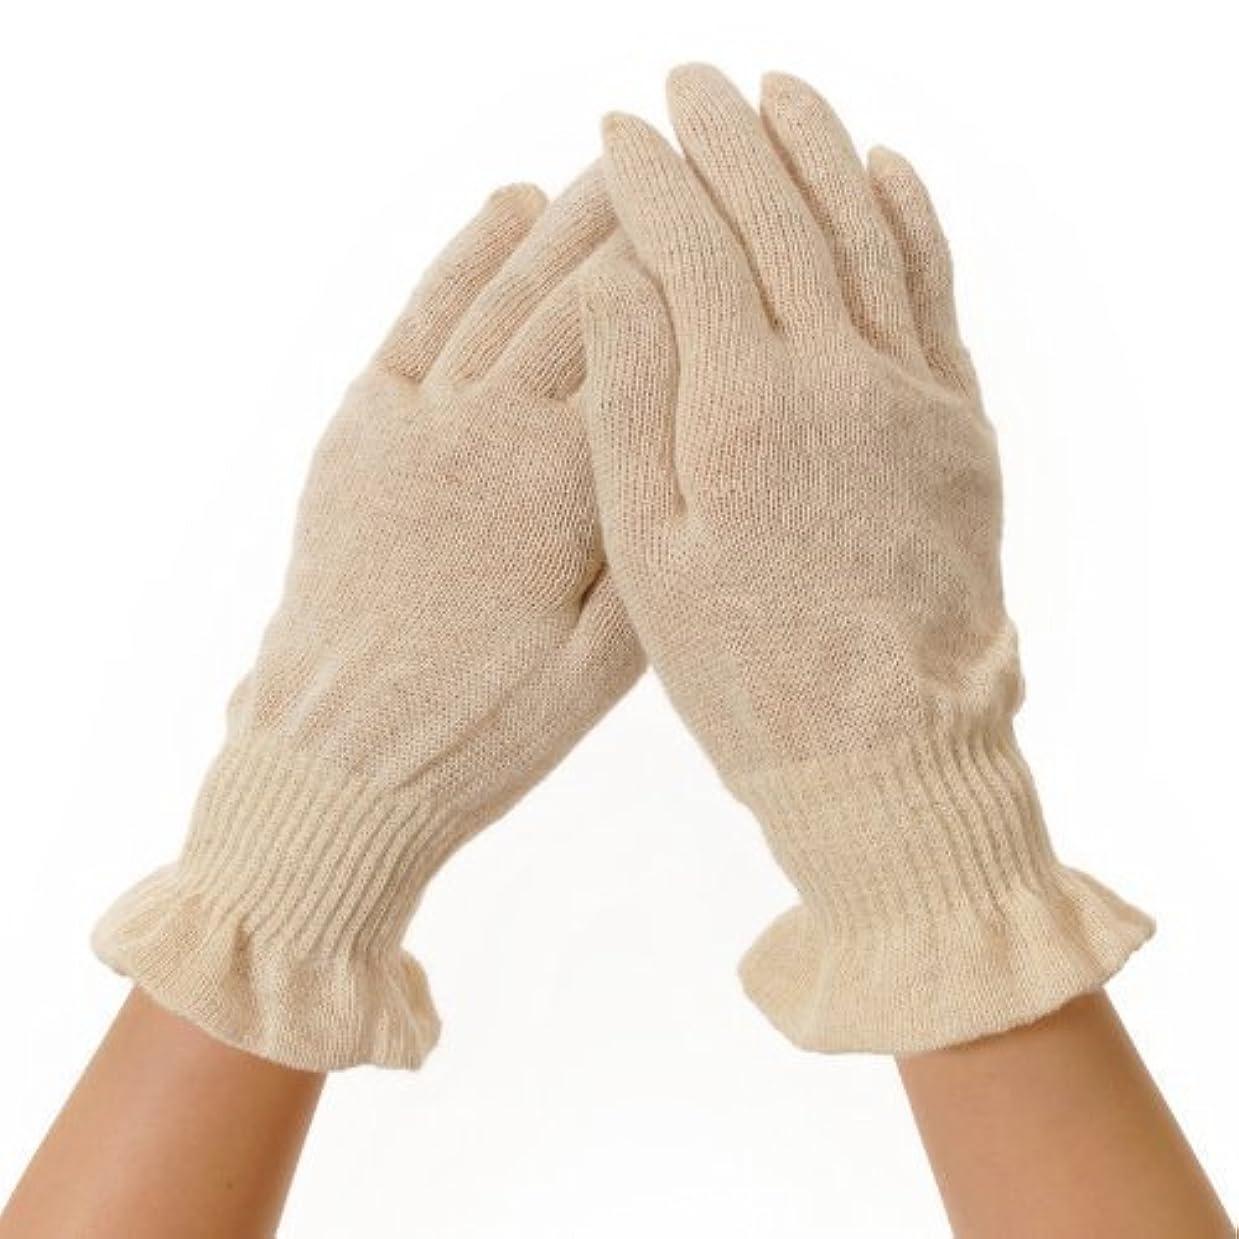 ローン病気の羊飼い麻福ヘンプ おやすみ手袋 きなり Lサイズ (男性ゆったり) 麻 手荒れ 主婦湿疹 ハンドケア 冷え 保湿 保温 抗菌 ムレない 就寝用